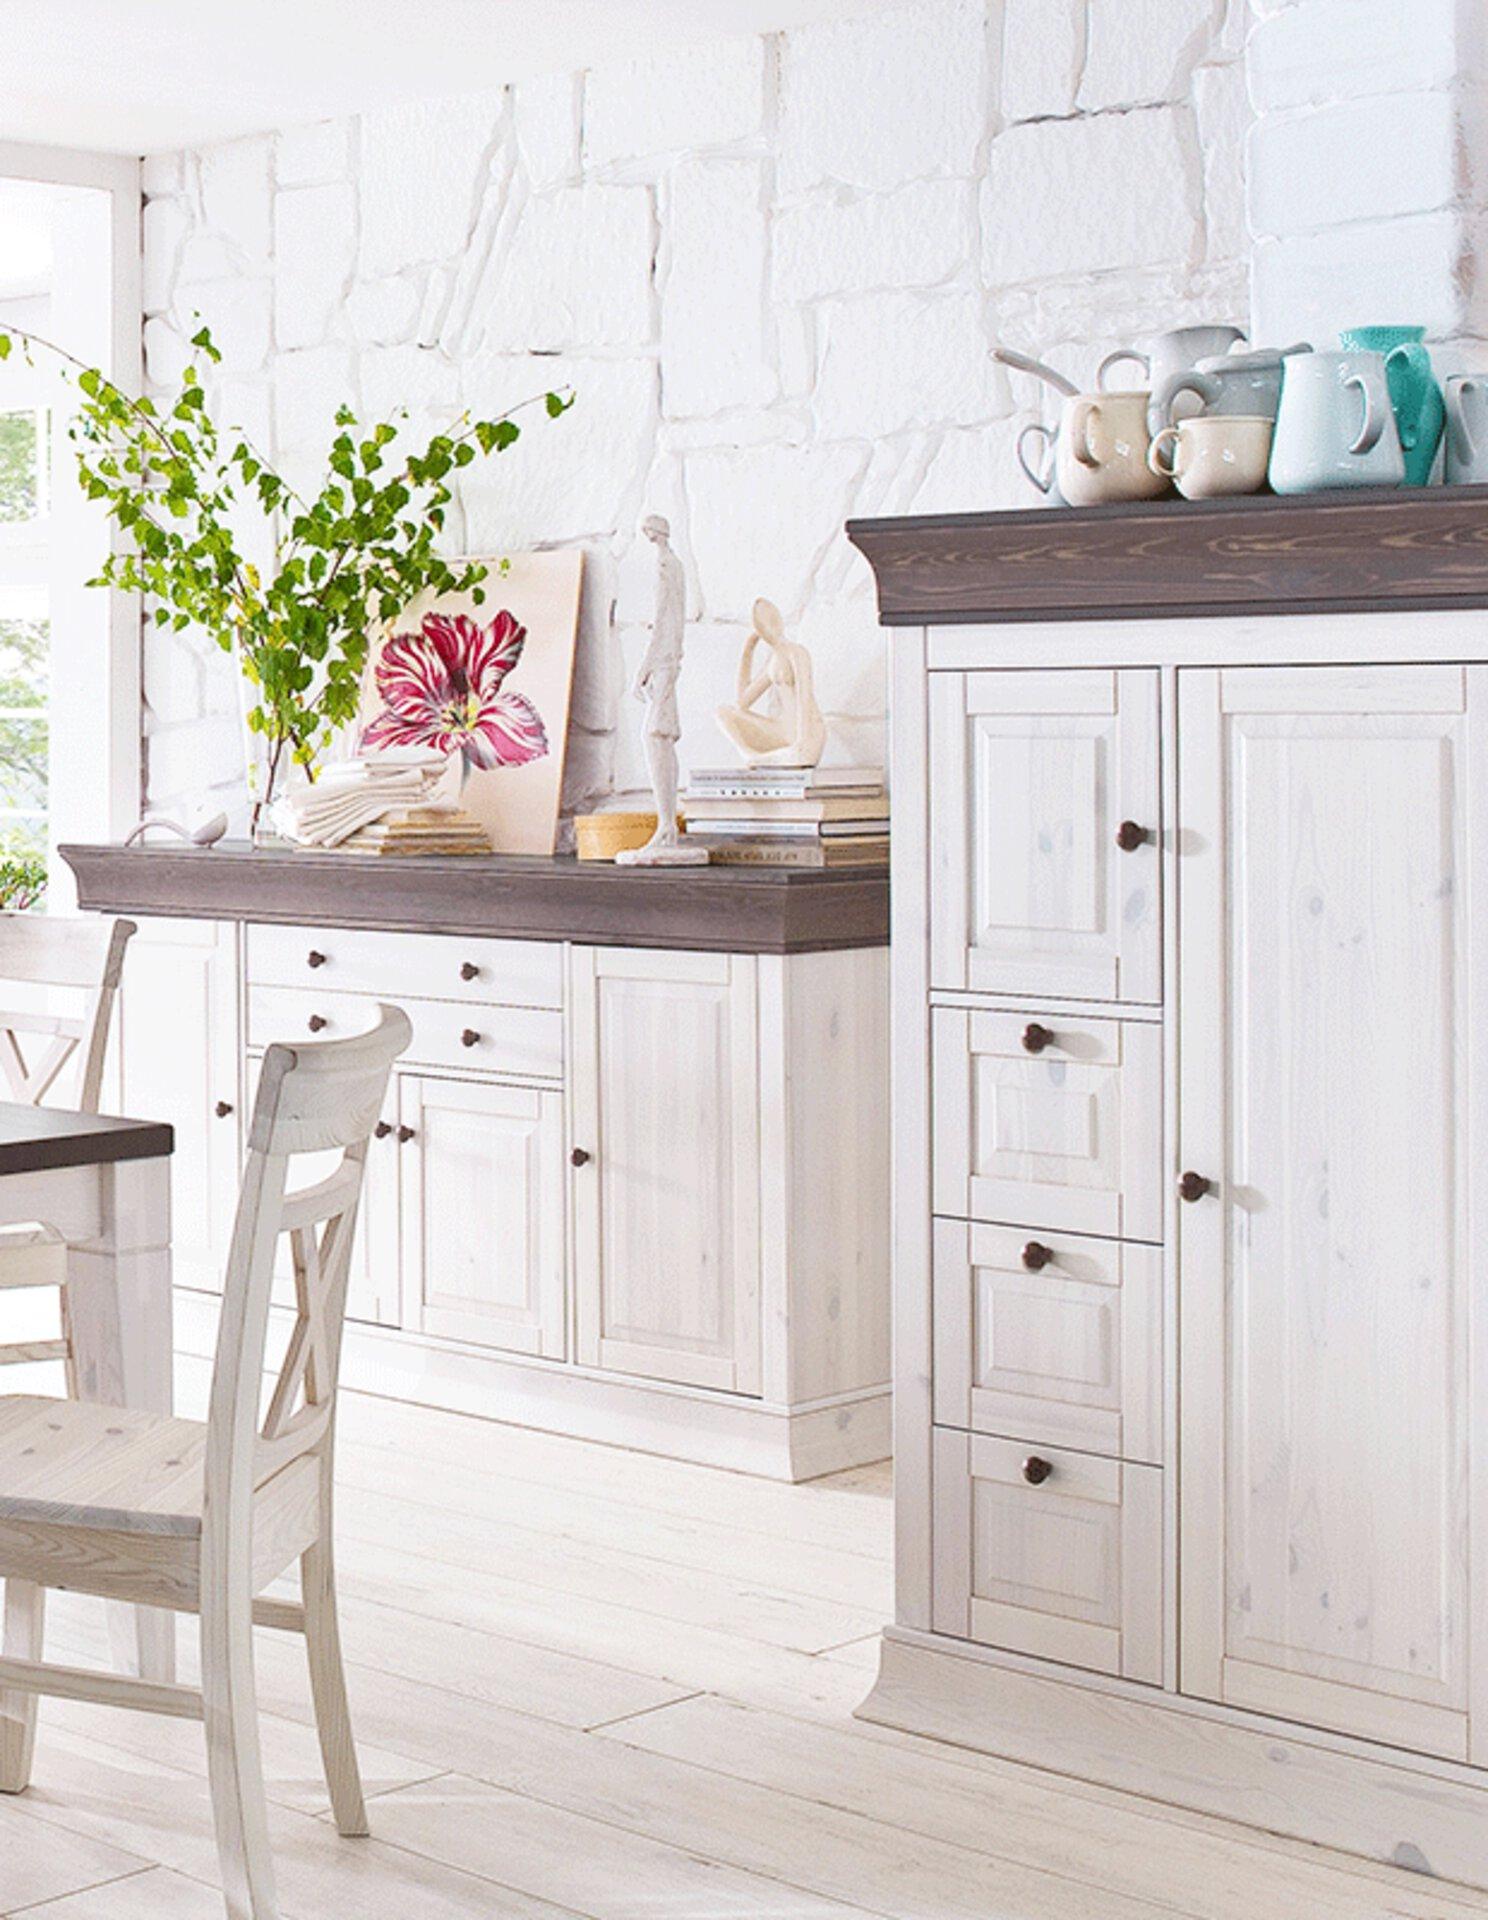 """Ausschnitt eines Esszimmer im Lanhasustil mit weißen Holzmöbeln. Das Bild dient als Hauptbild zu """"Landhaus"""" auf der Startseite """"Inspiration""""."""